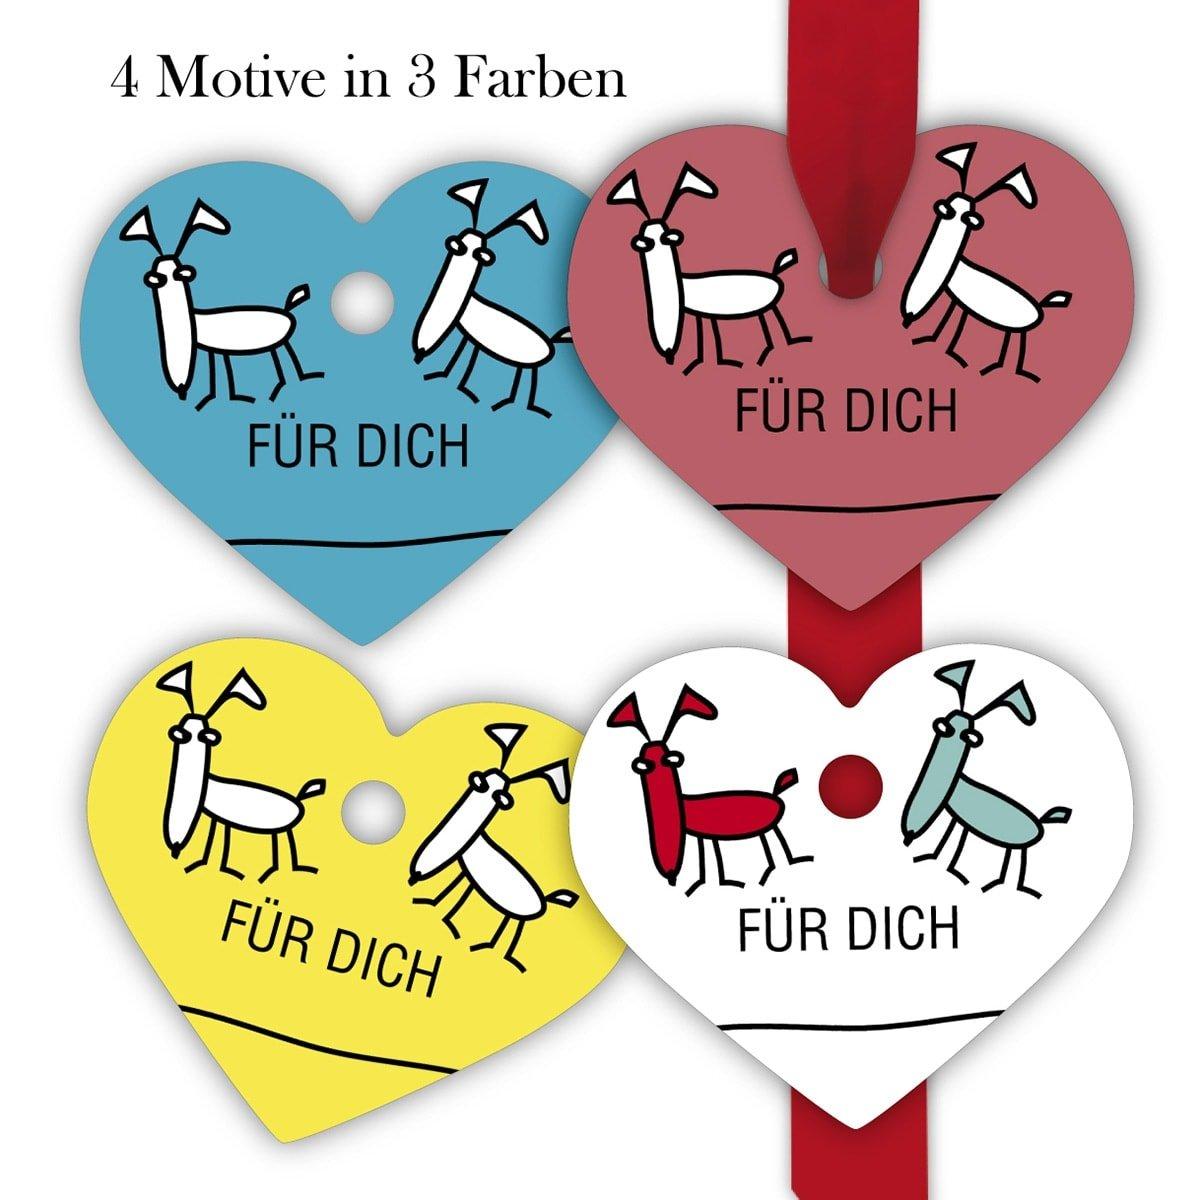 120 Anhänger Kartenkaufrausch 10x12 lustige Hunde Geschenkanhänger   Geschenkkarten   Papieranhänger   Etiketten in Herz form 7 x 6cm  Für